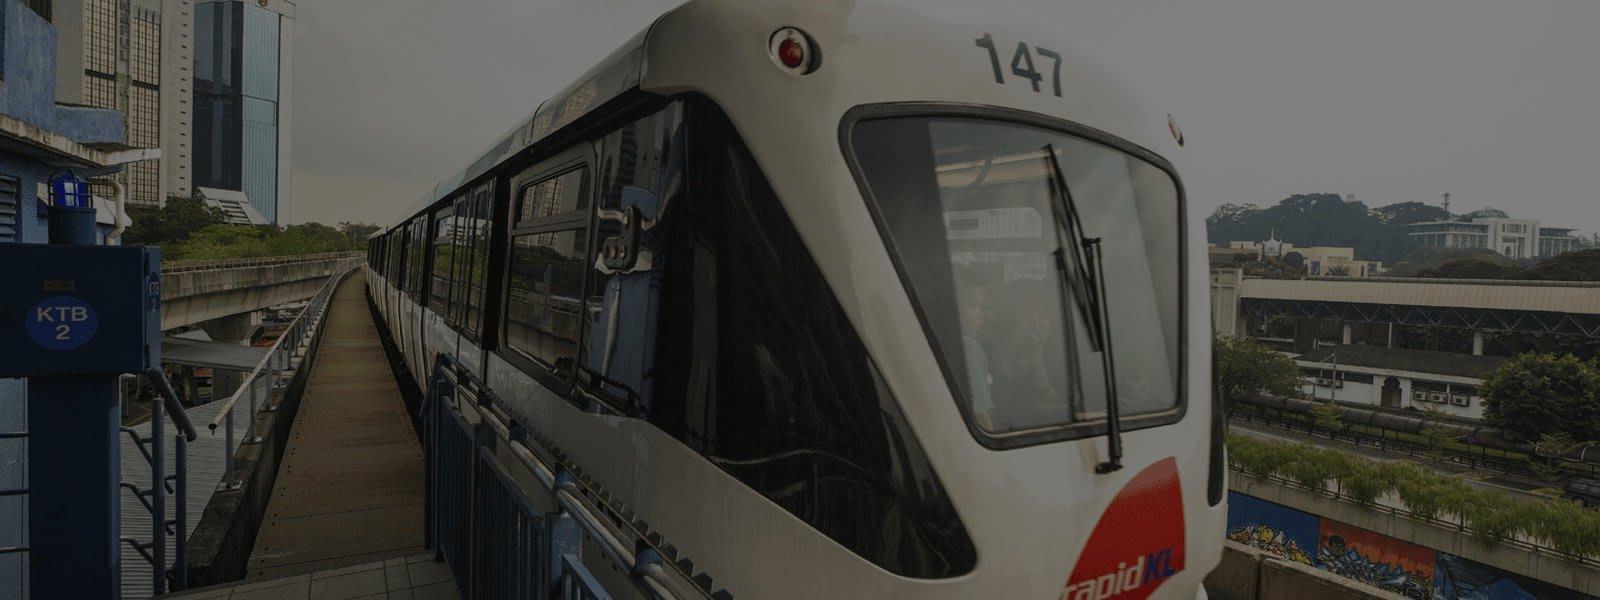 Monorail BG